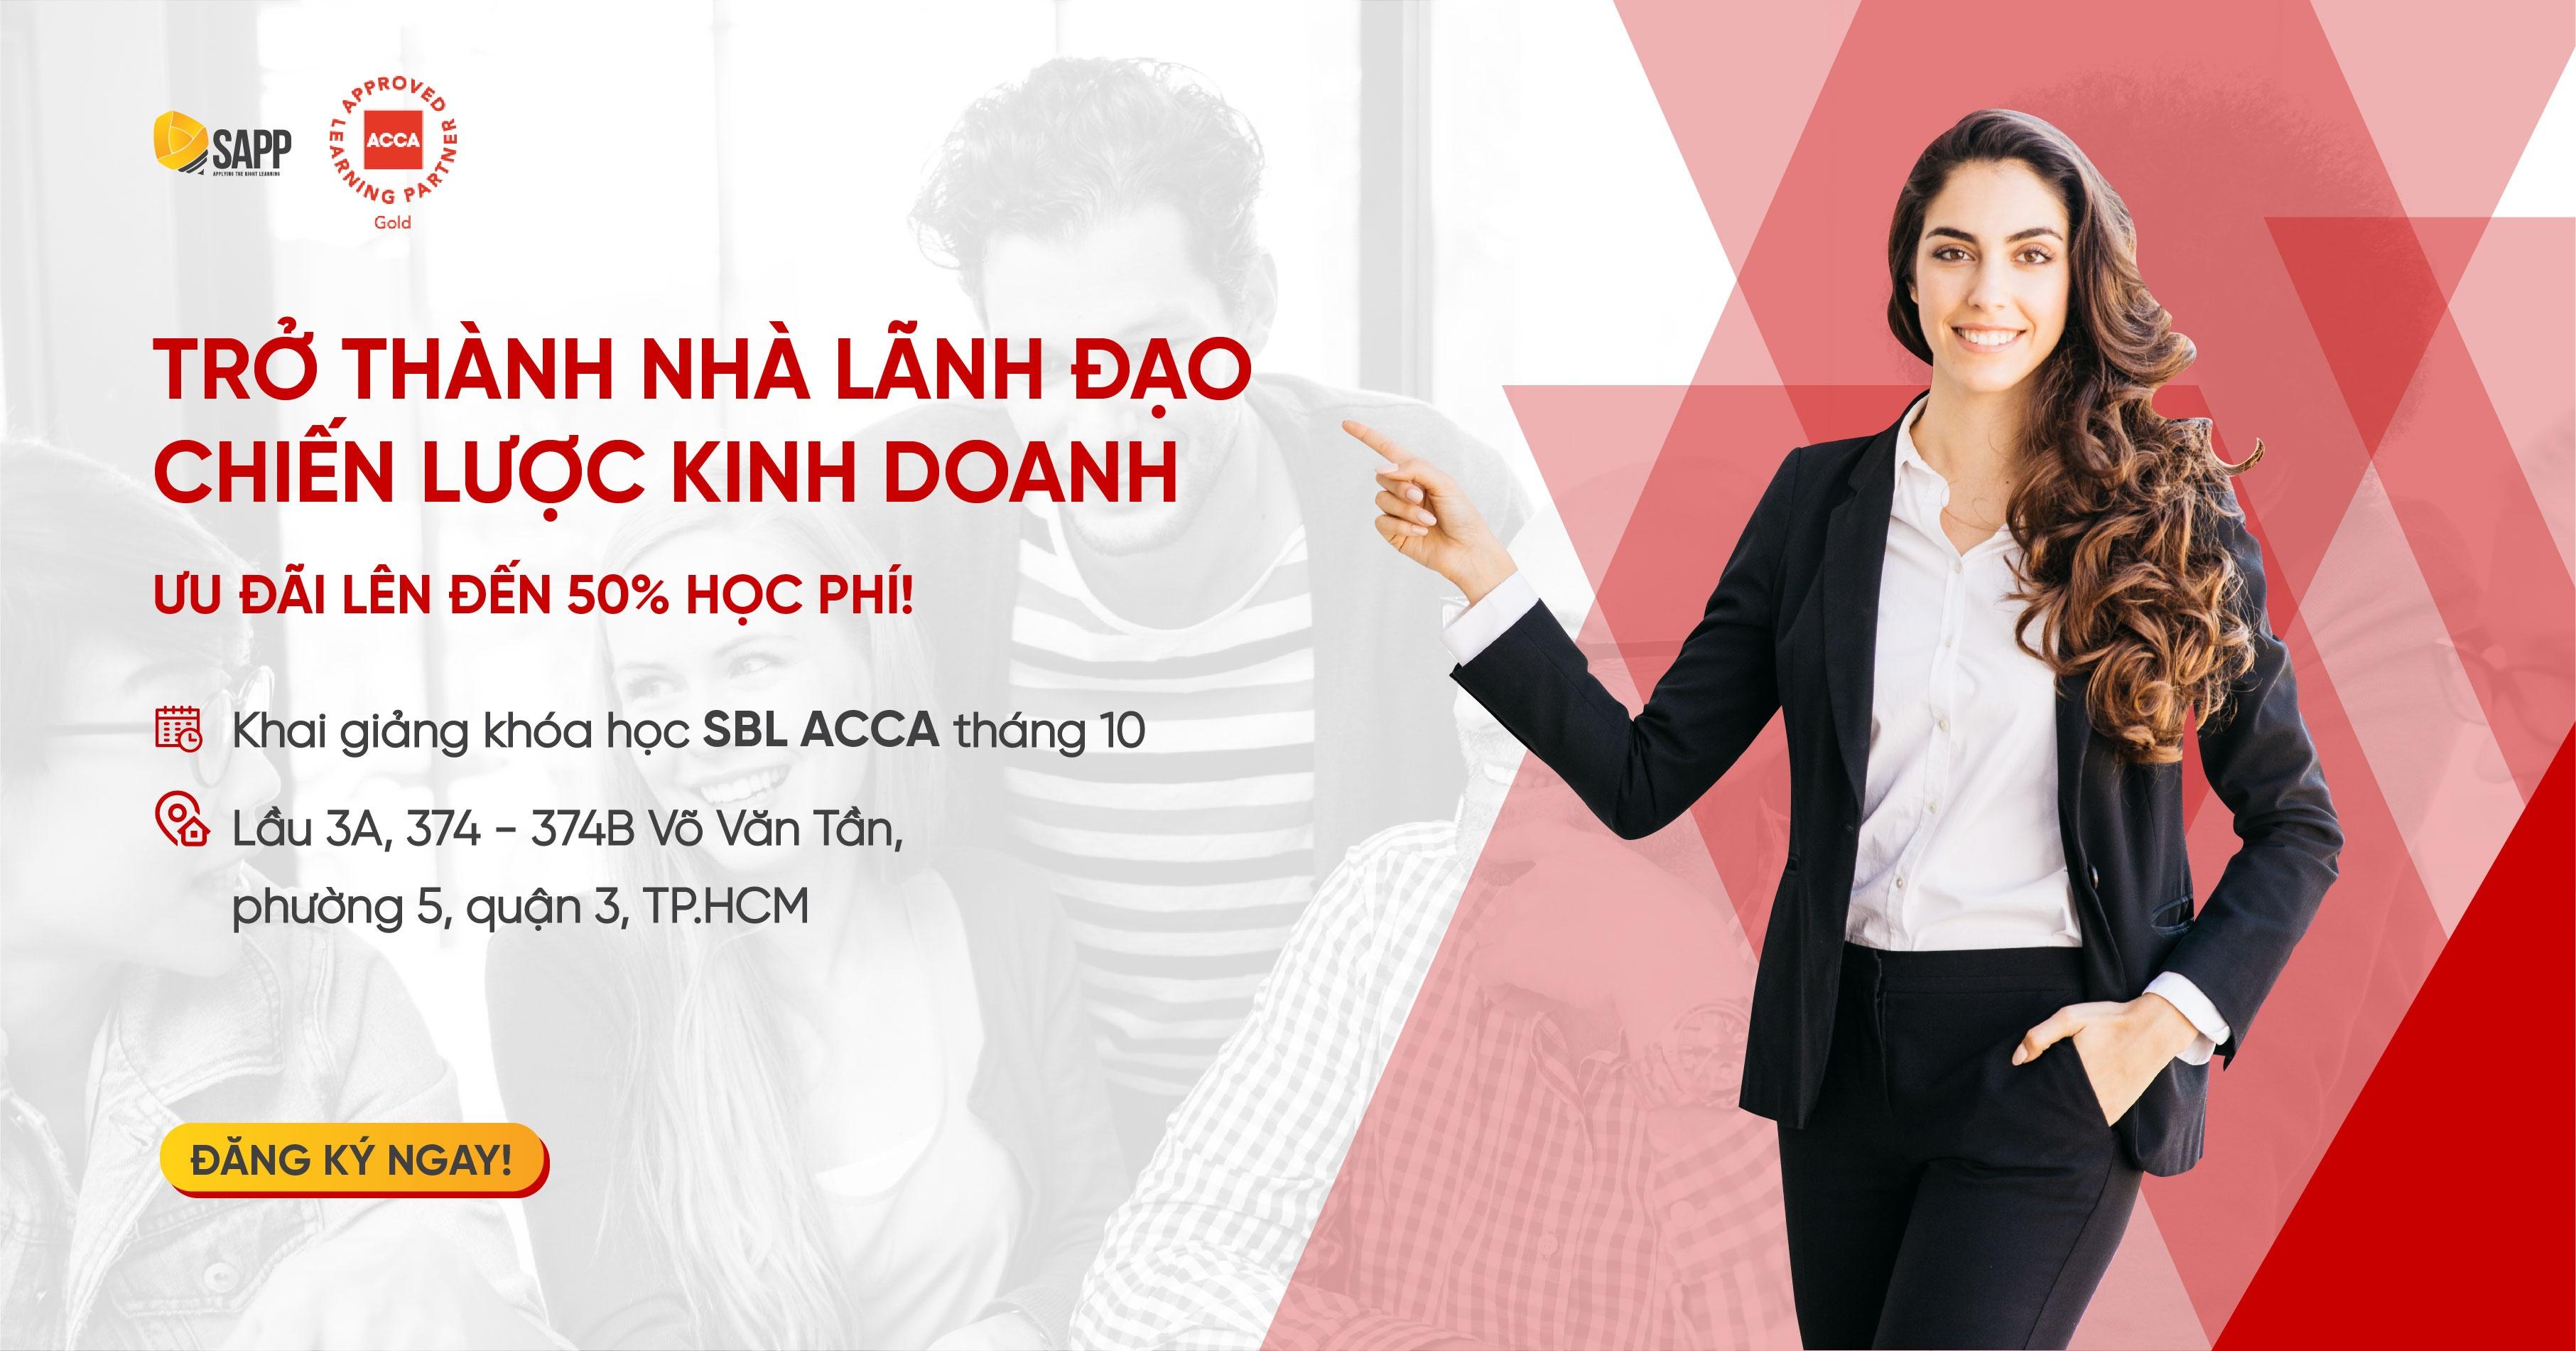 Trở thành nhà lãnh đạo chiến lược kinh doanh với khóa học SBL ACCA tại SAPP